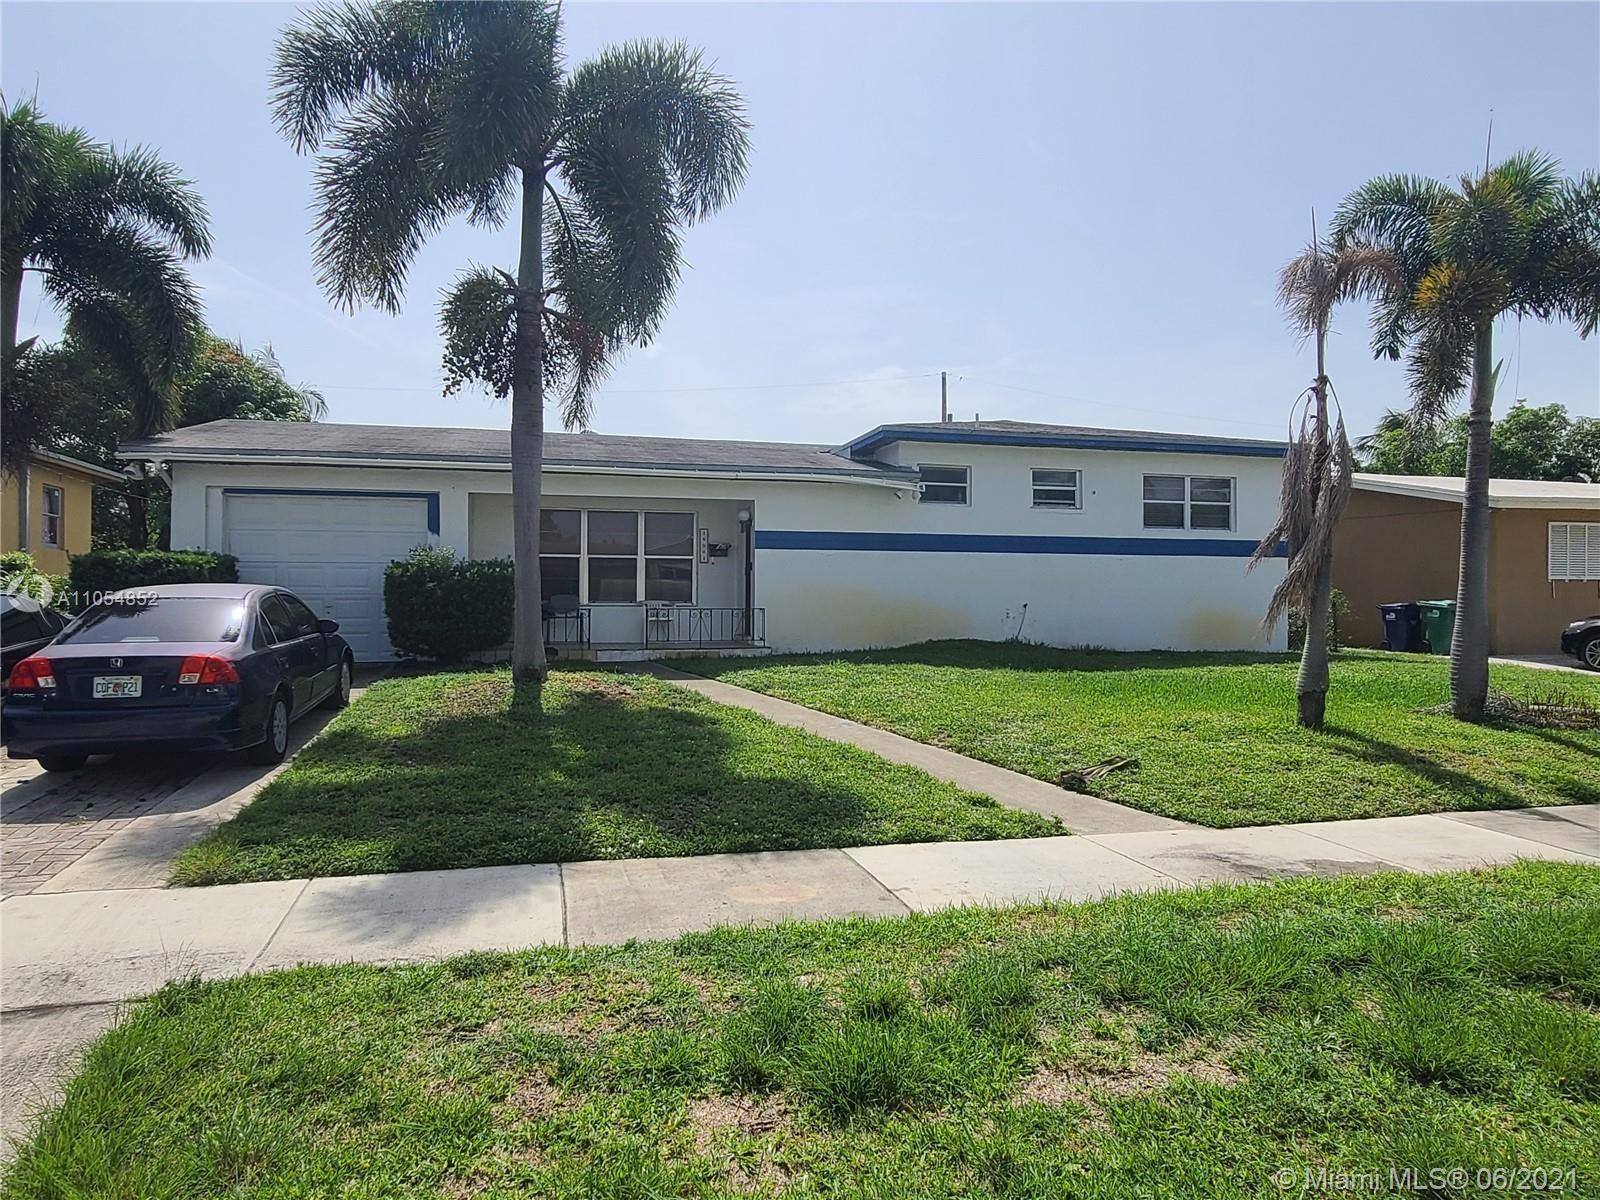 18901 NW 9th Ave, Miami Gardens, FL 33169 - #: A11054852